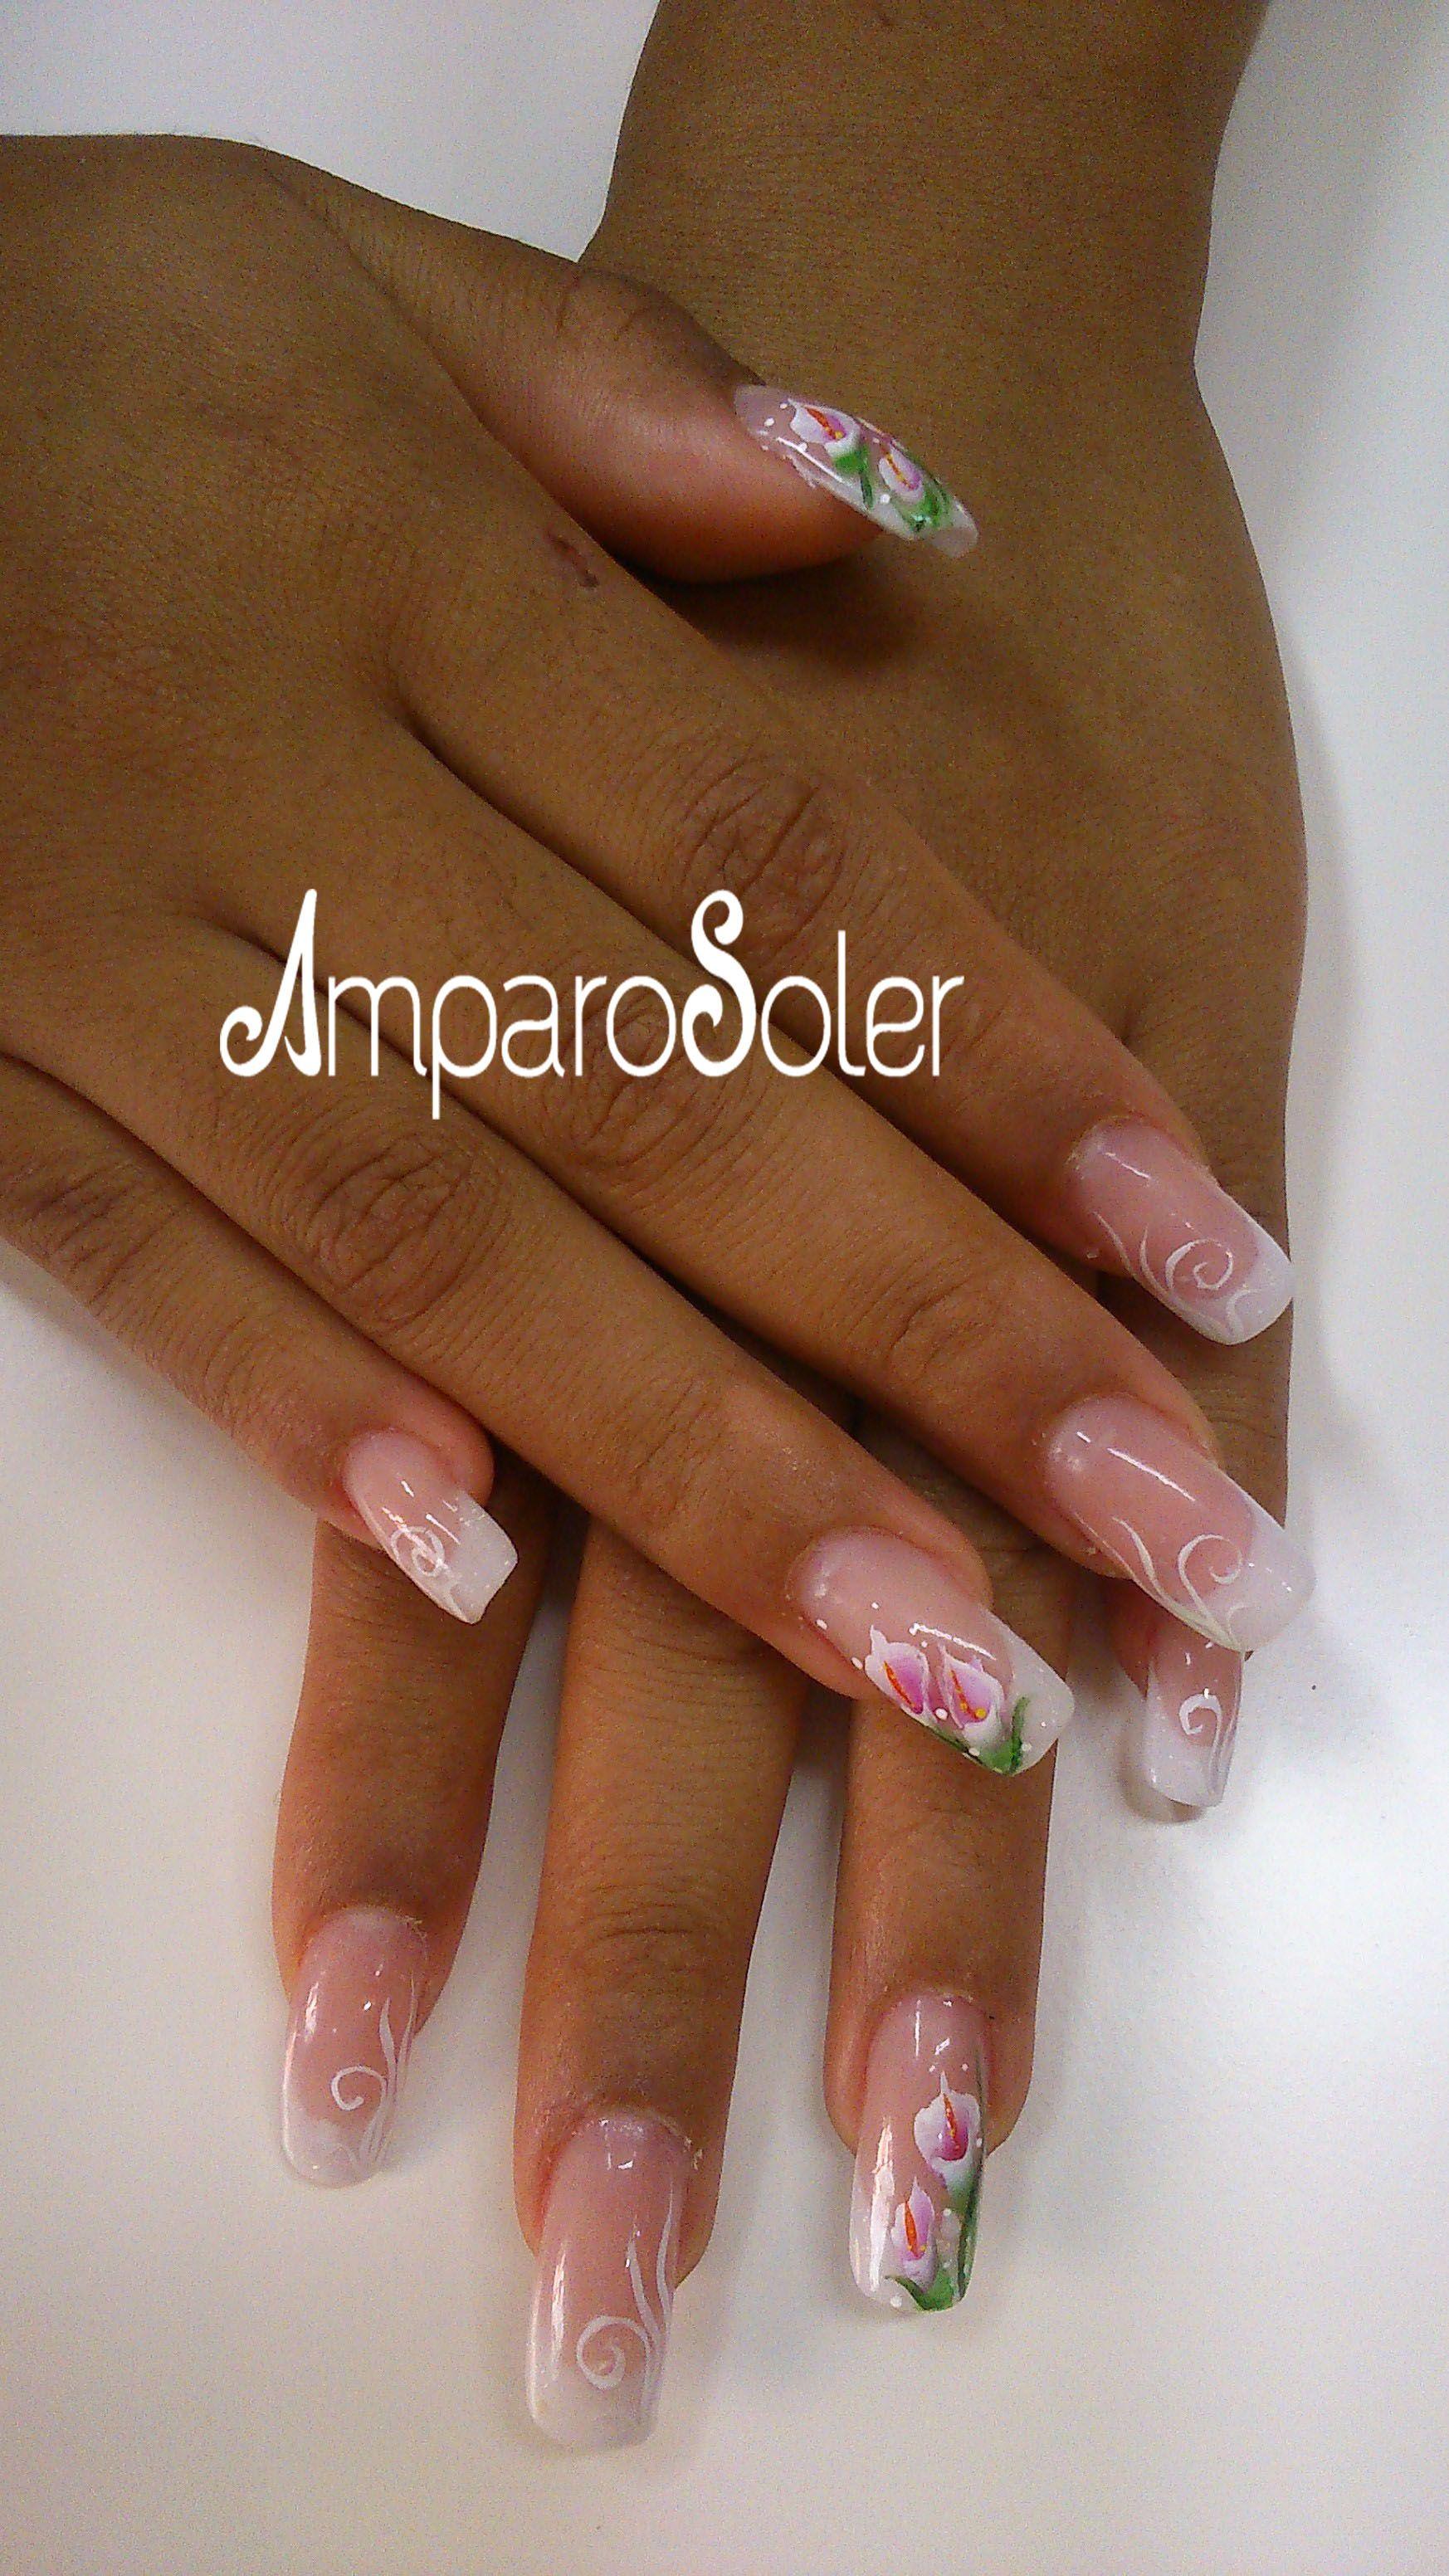 Uñas acrílicas con White HD, Vibrant Pink, A polymer clear de Ezflow con decoración